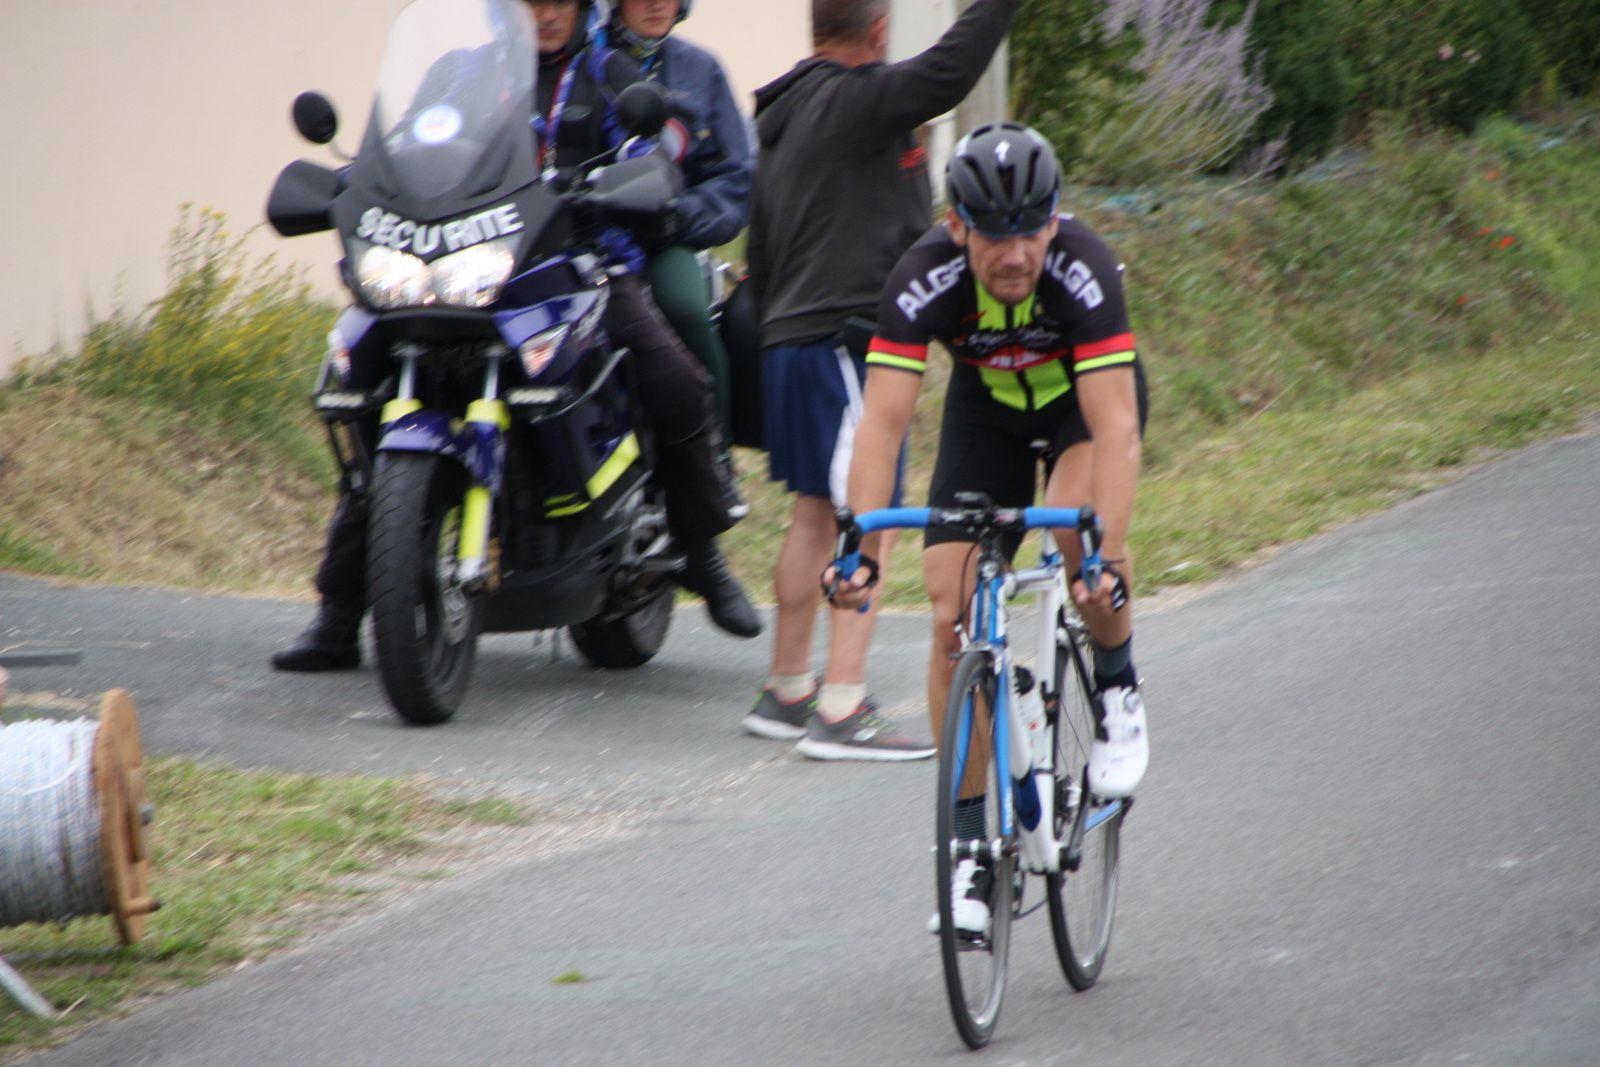 2e  place  pour  Michaél  DAMIENS  qui  remporte  le  classement  général